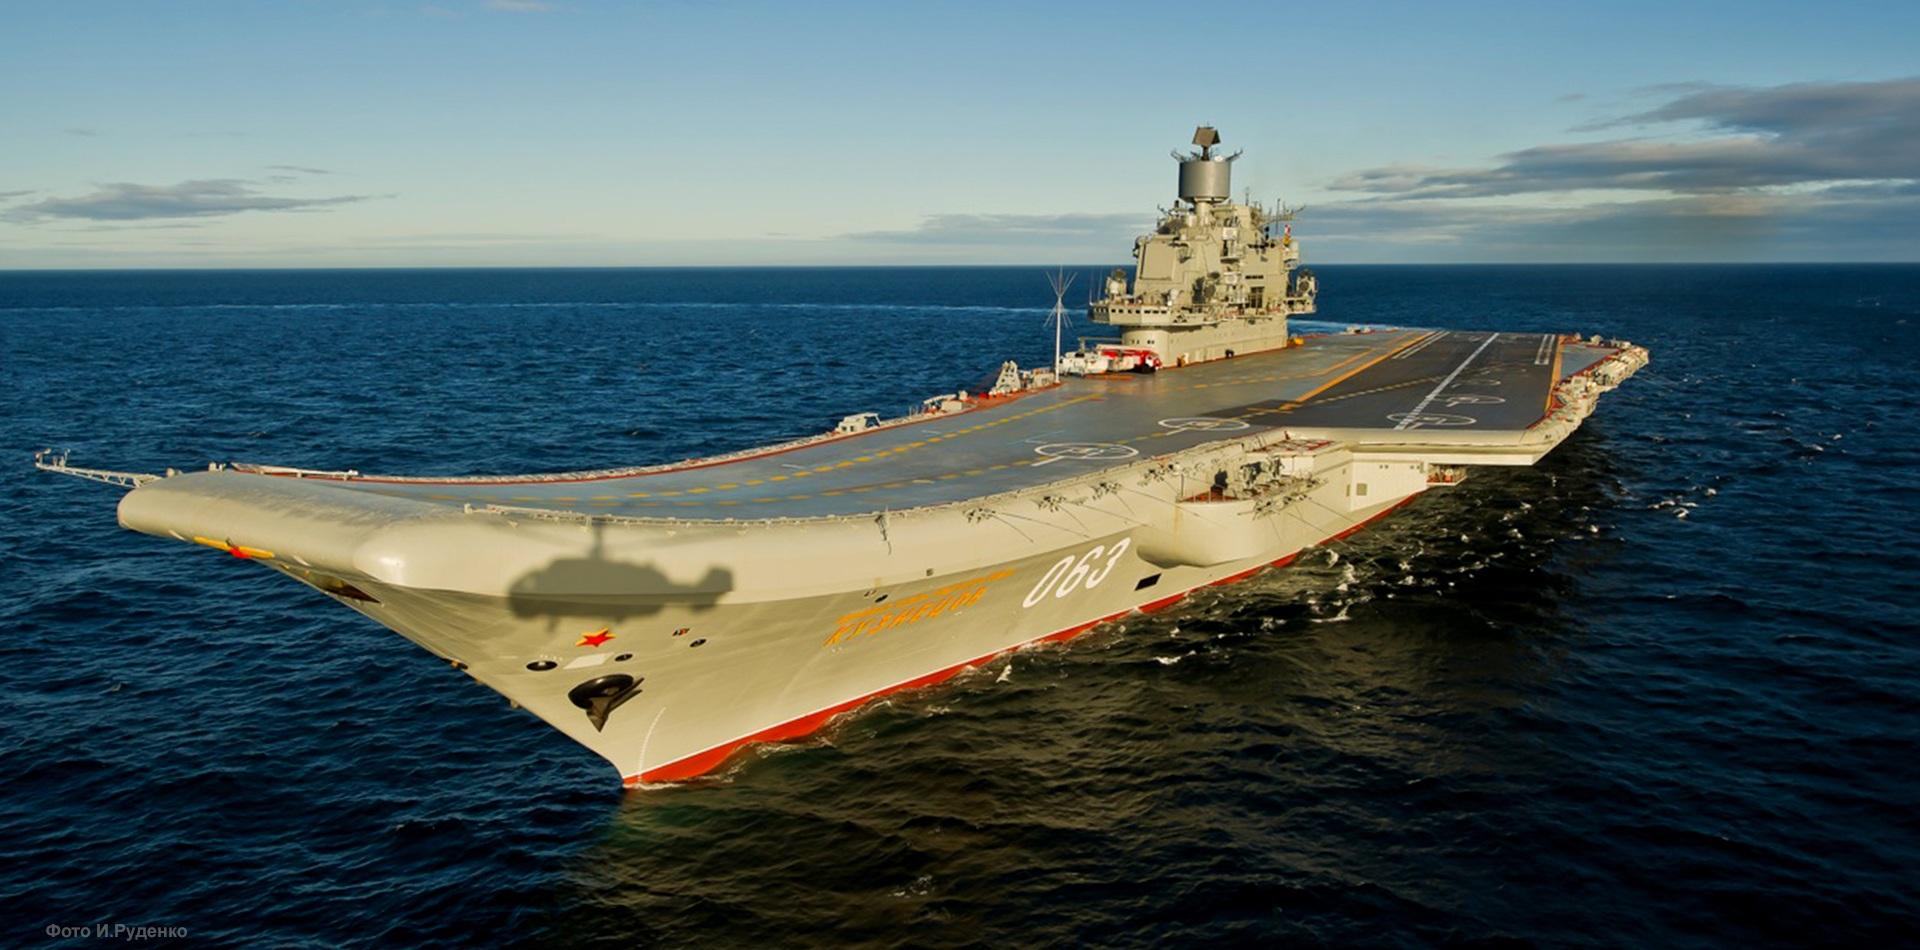 Hàng không mẫu hạm duy nhất của Hải quân Nga Đô đốc Kuznetsov (Ảnh: Wikipedia)